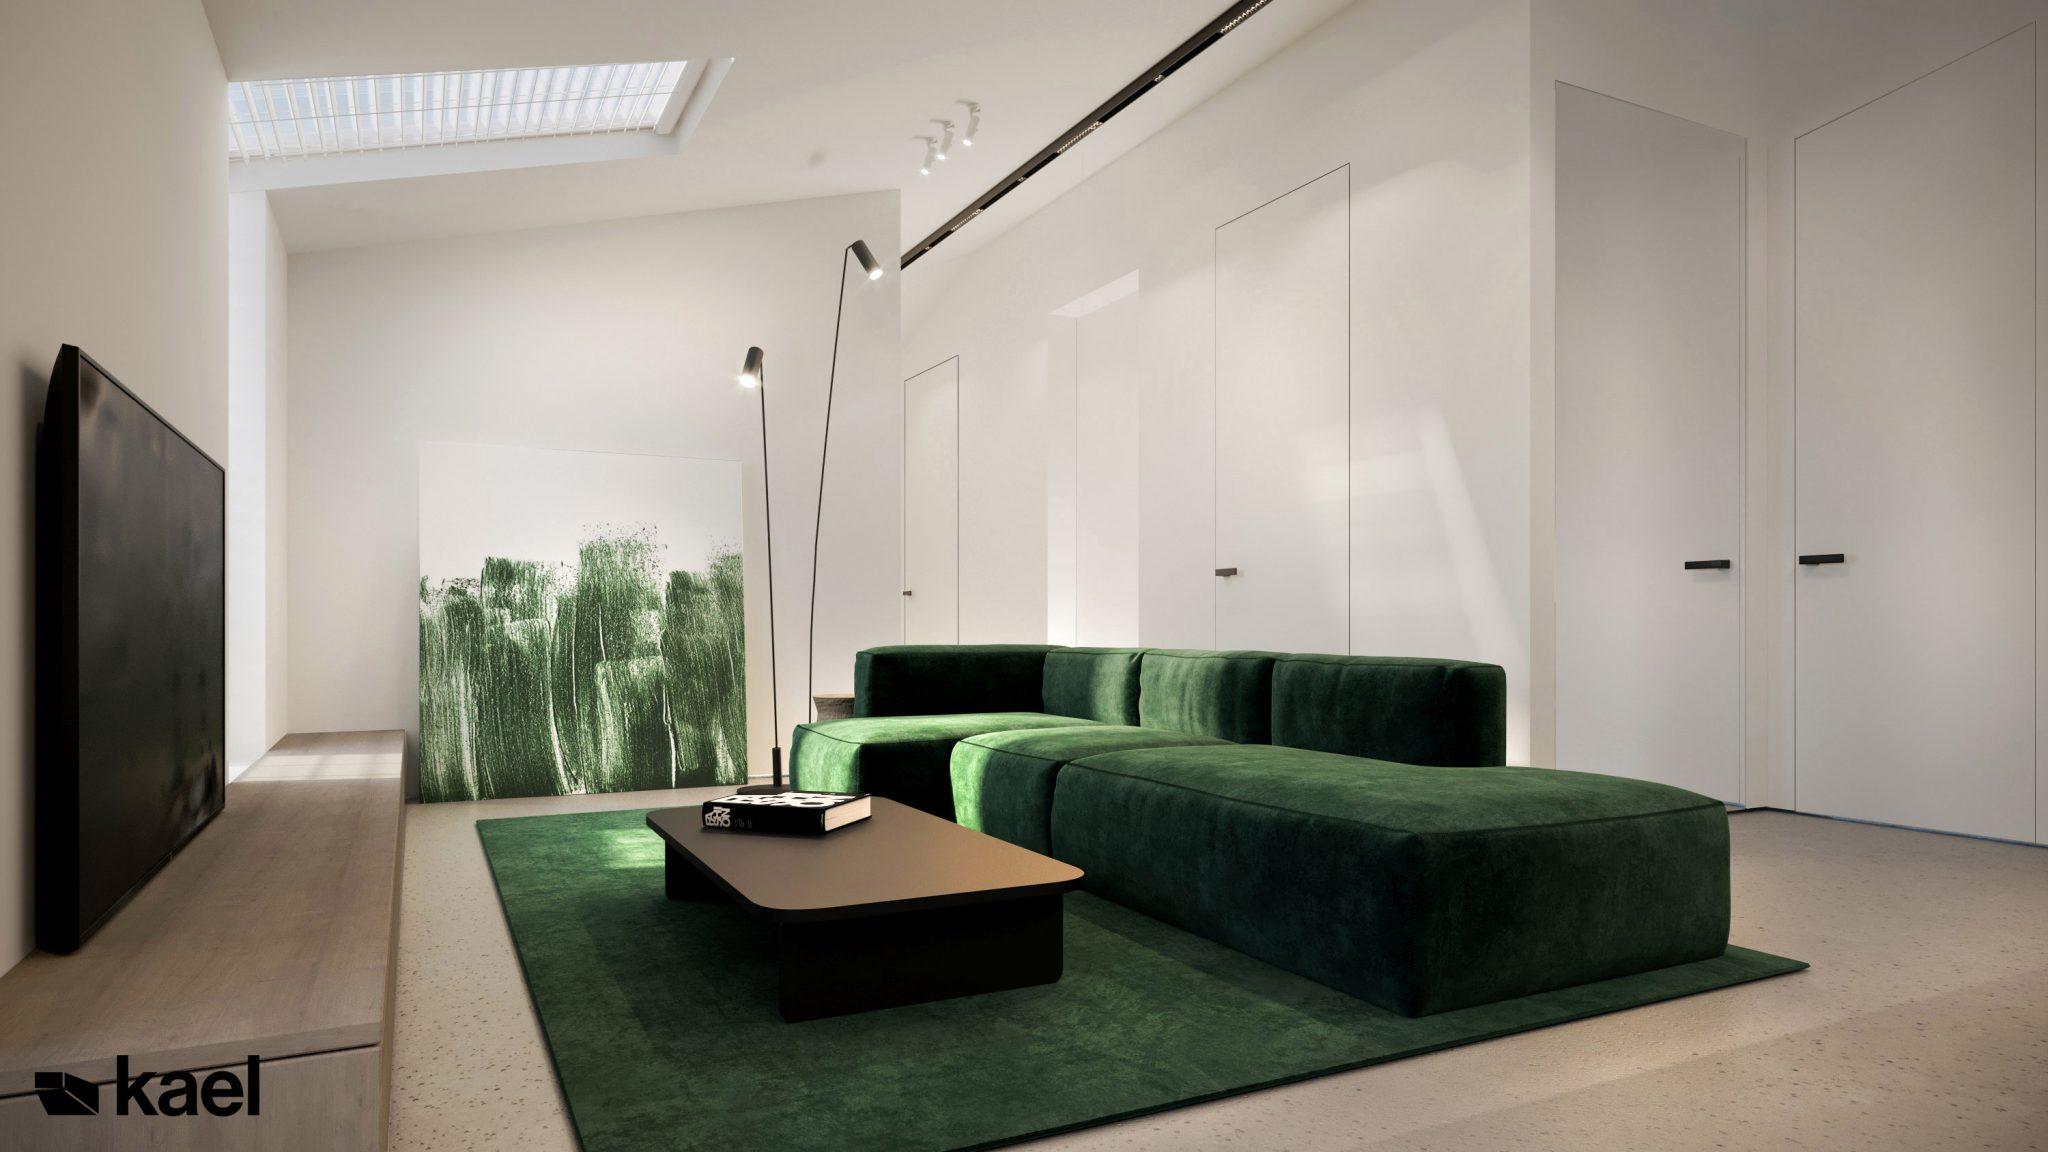 Salon, kącik kinowy - Palestera - projekt wnętrza Kael